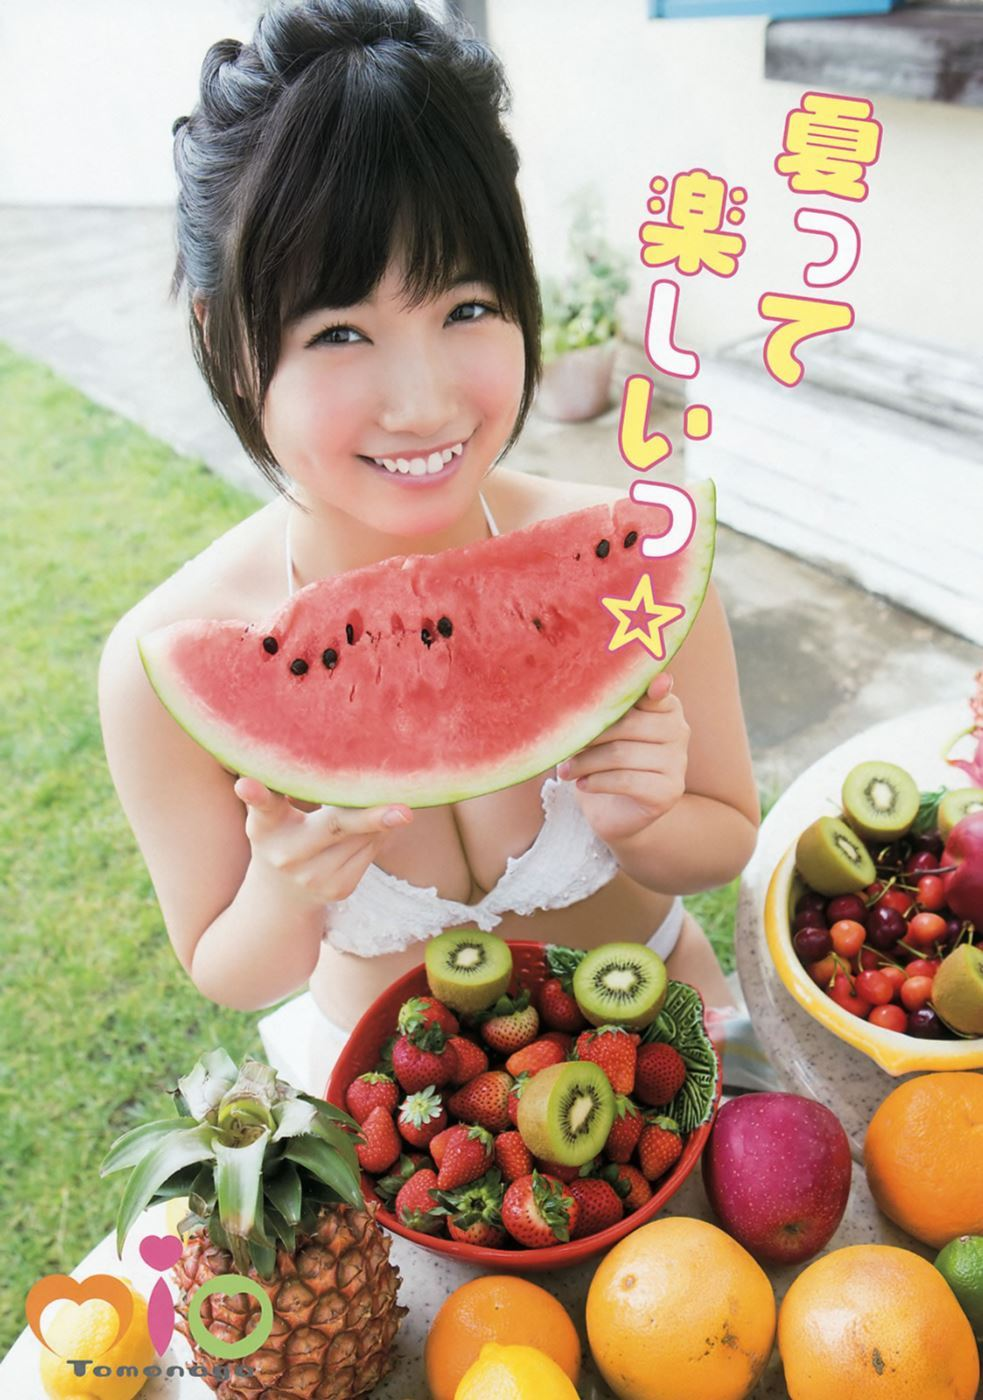 朝長美桜 画像 57